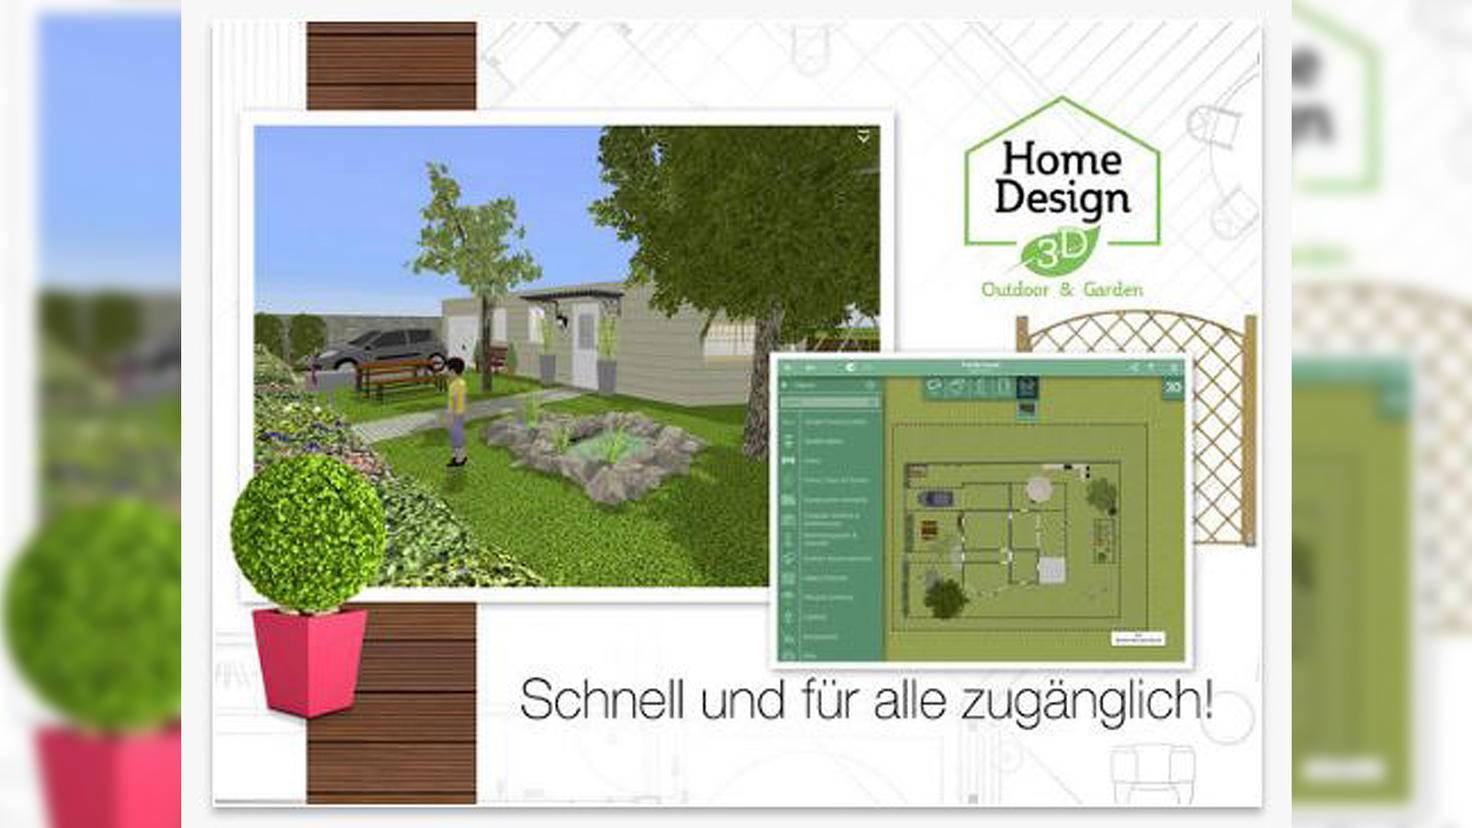 Home Design 3D Outdoor and Garden-Anuman